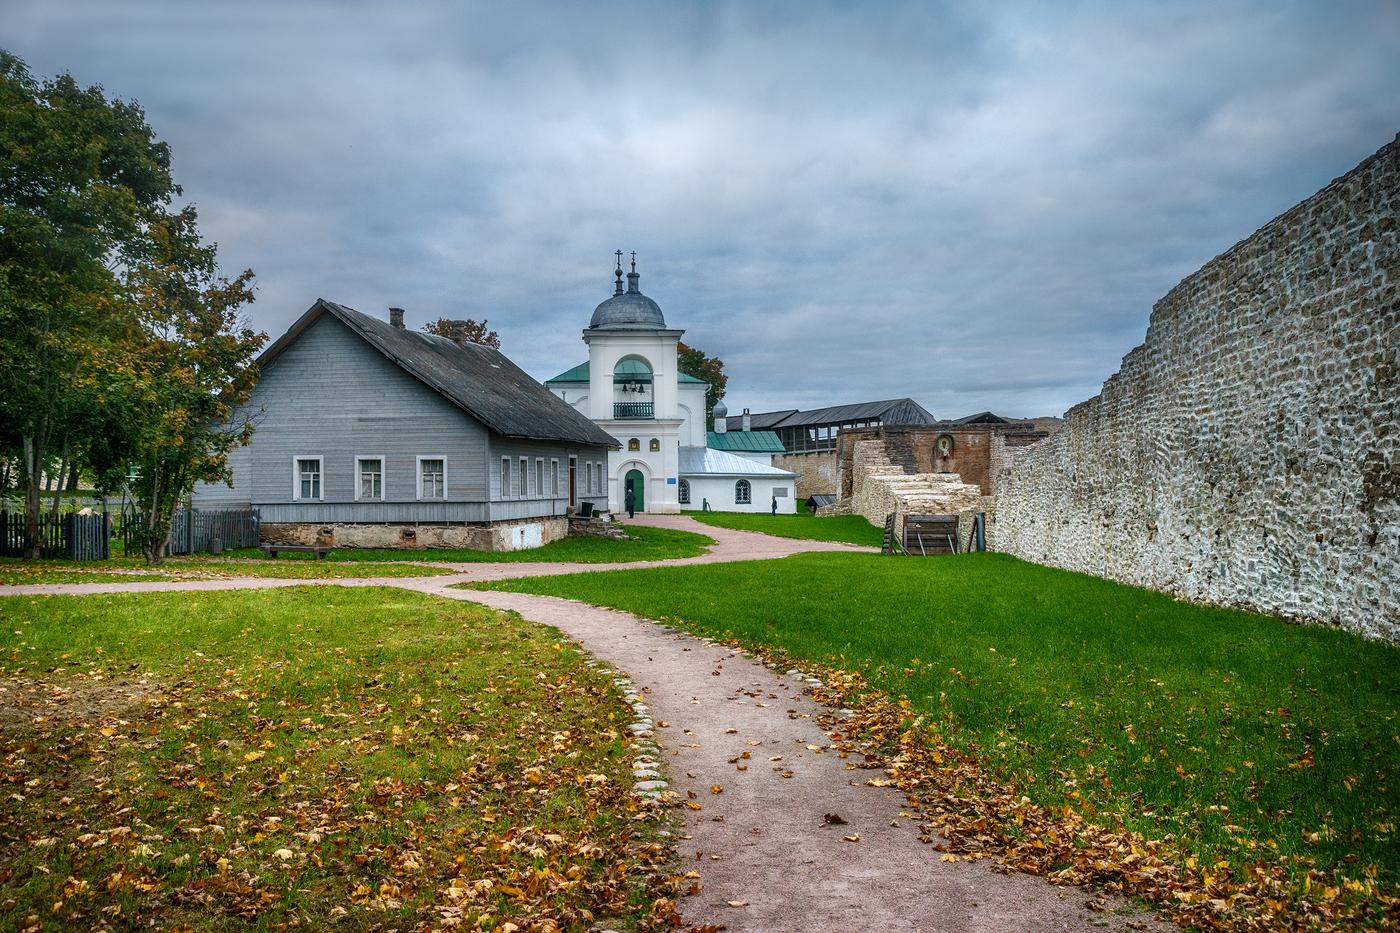 28 1 - As 10 aldeias mais bonitas da Rússia